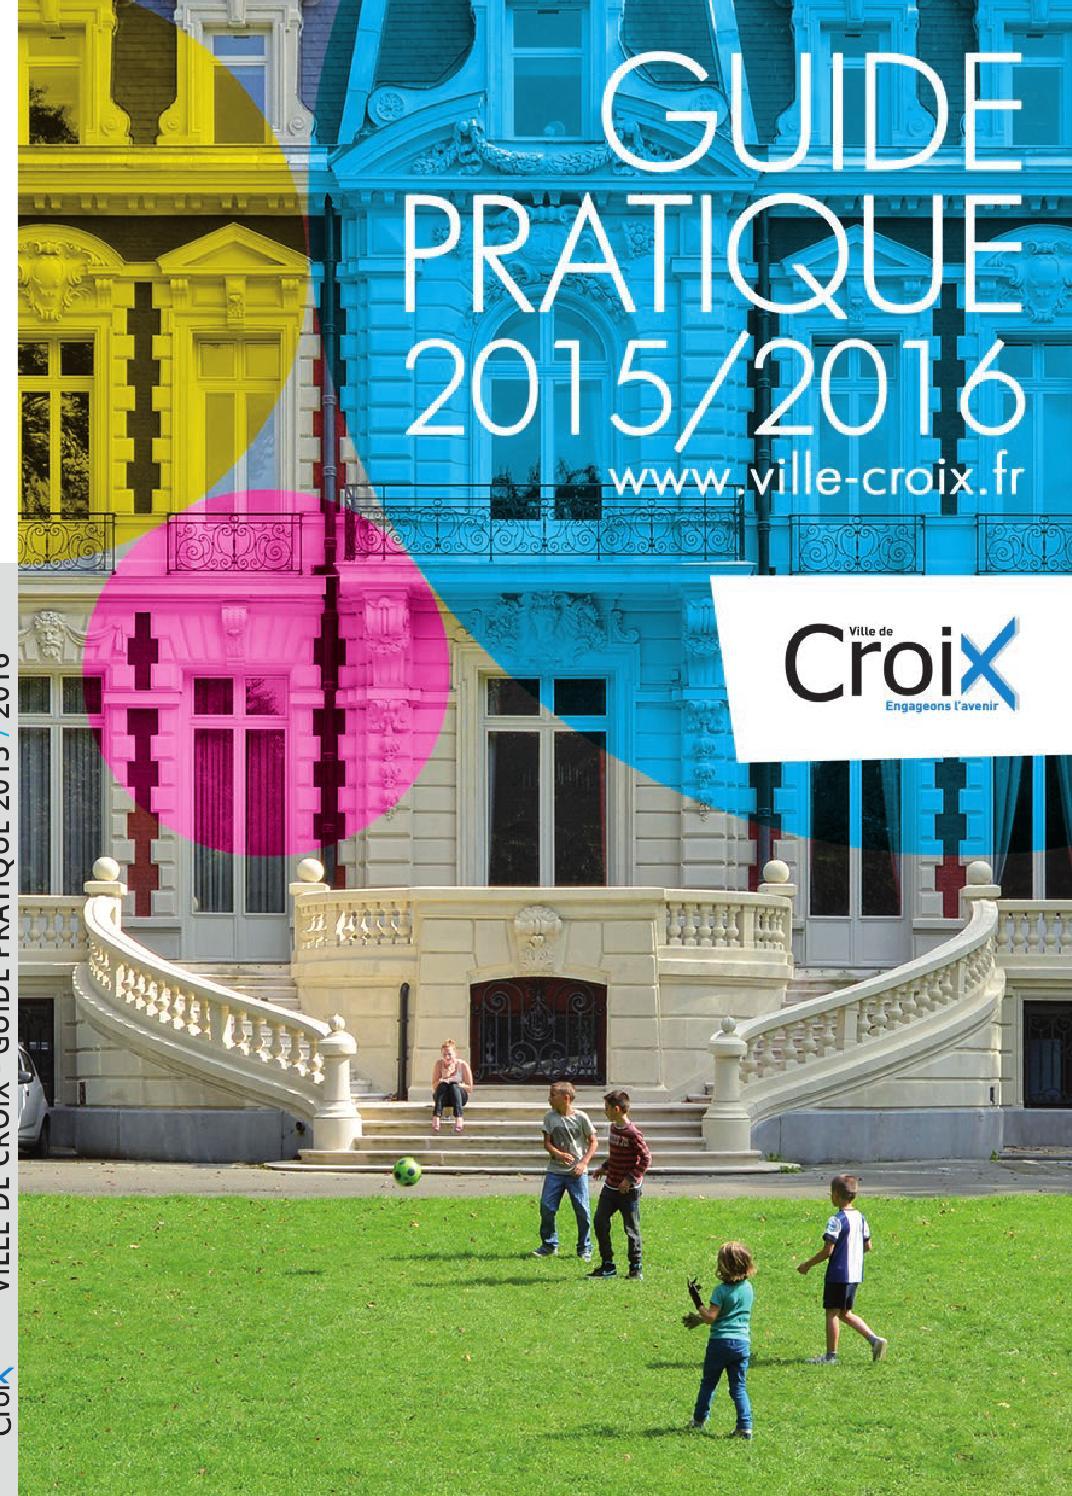 guide pratique croix 2015 2016 by ville de croix issuu. Black Bedroom Furniture Sets. Home Design Ideas